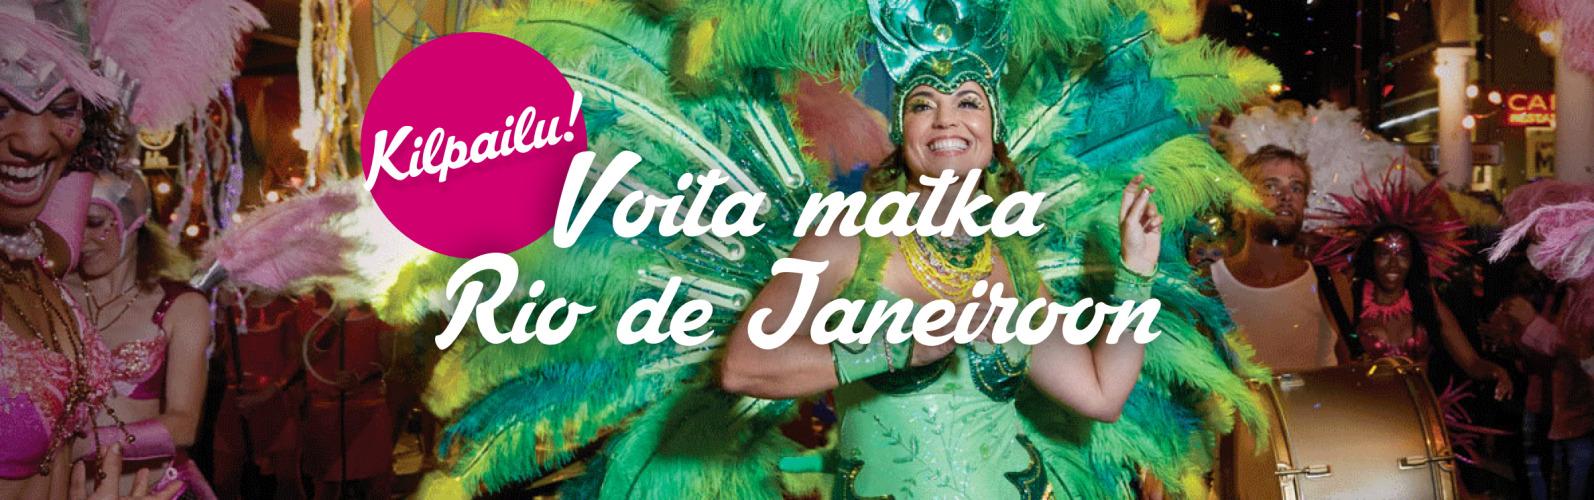 Kilpailu! Voita matka Rio de Janeiroon!